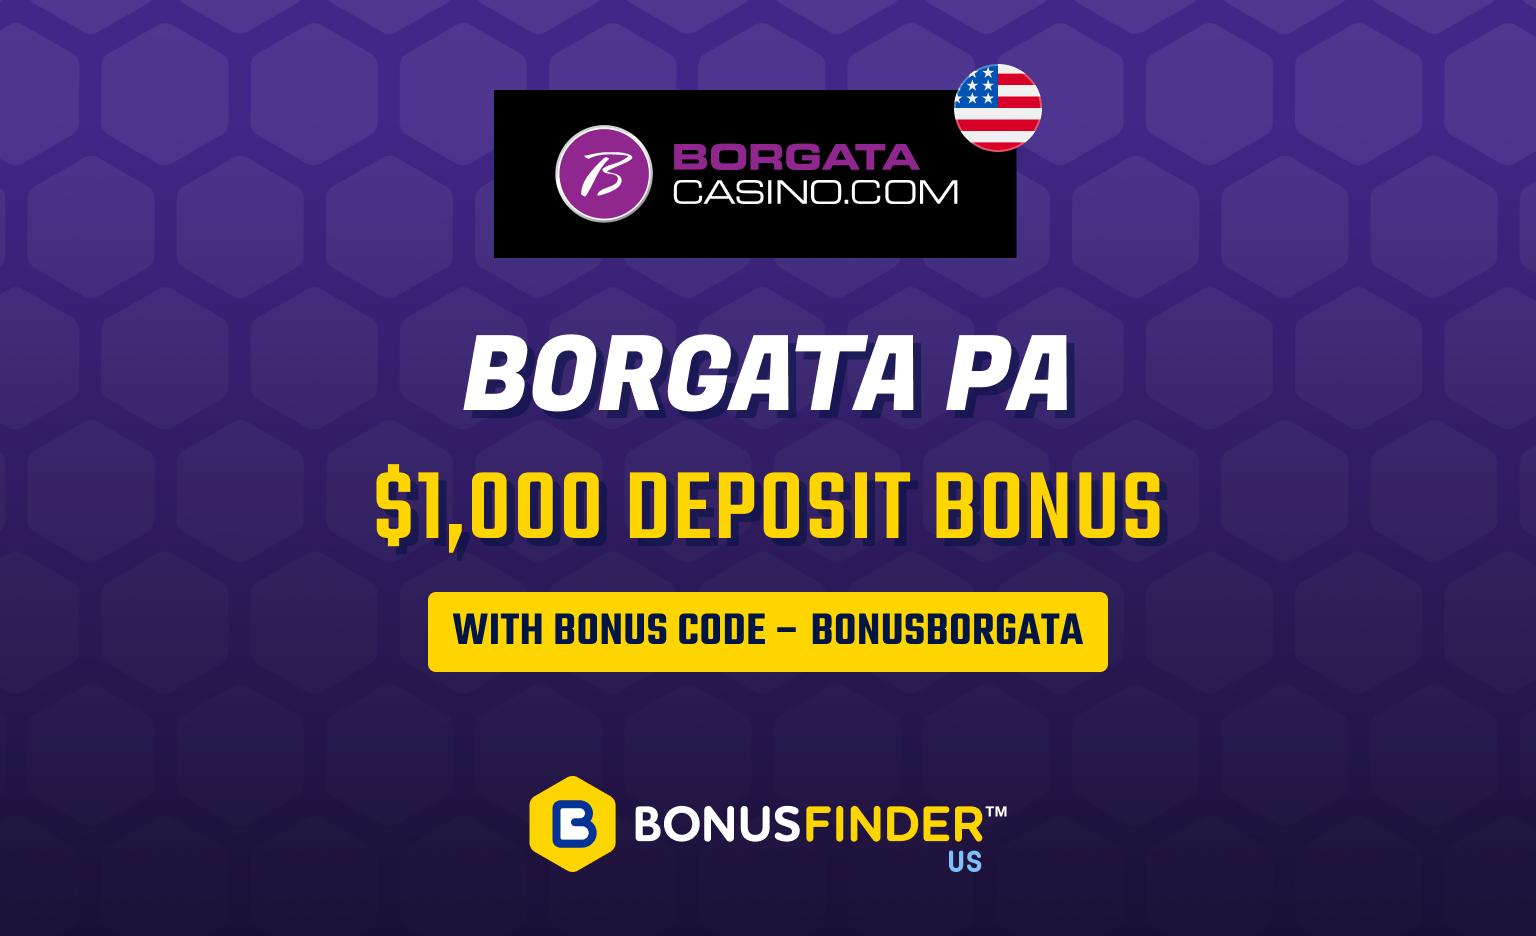 Borgata PA online casino promo code